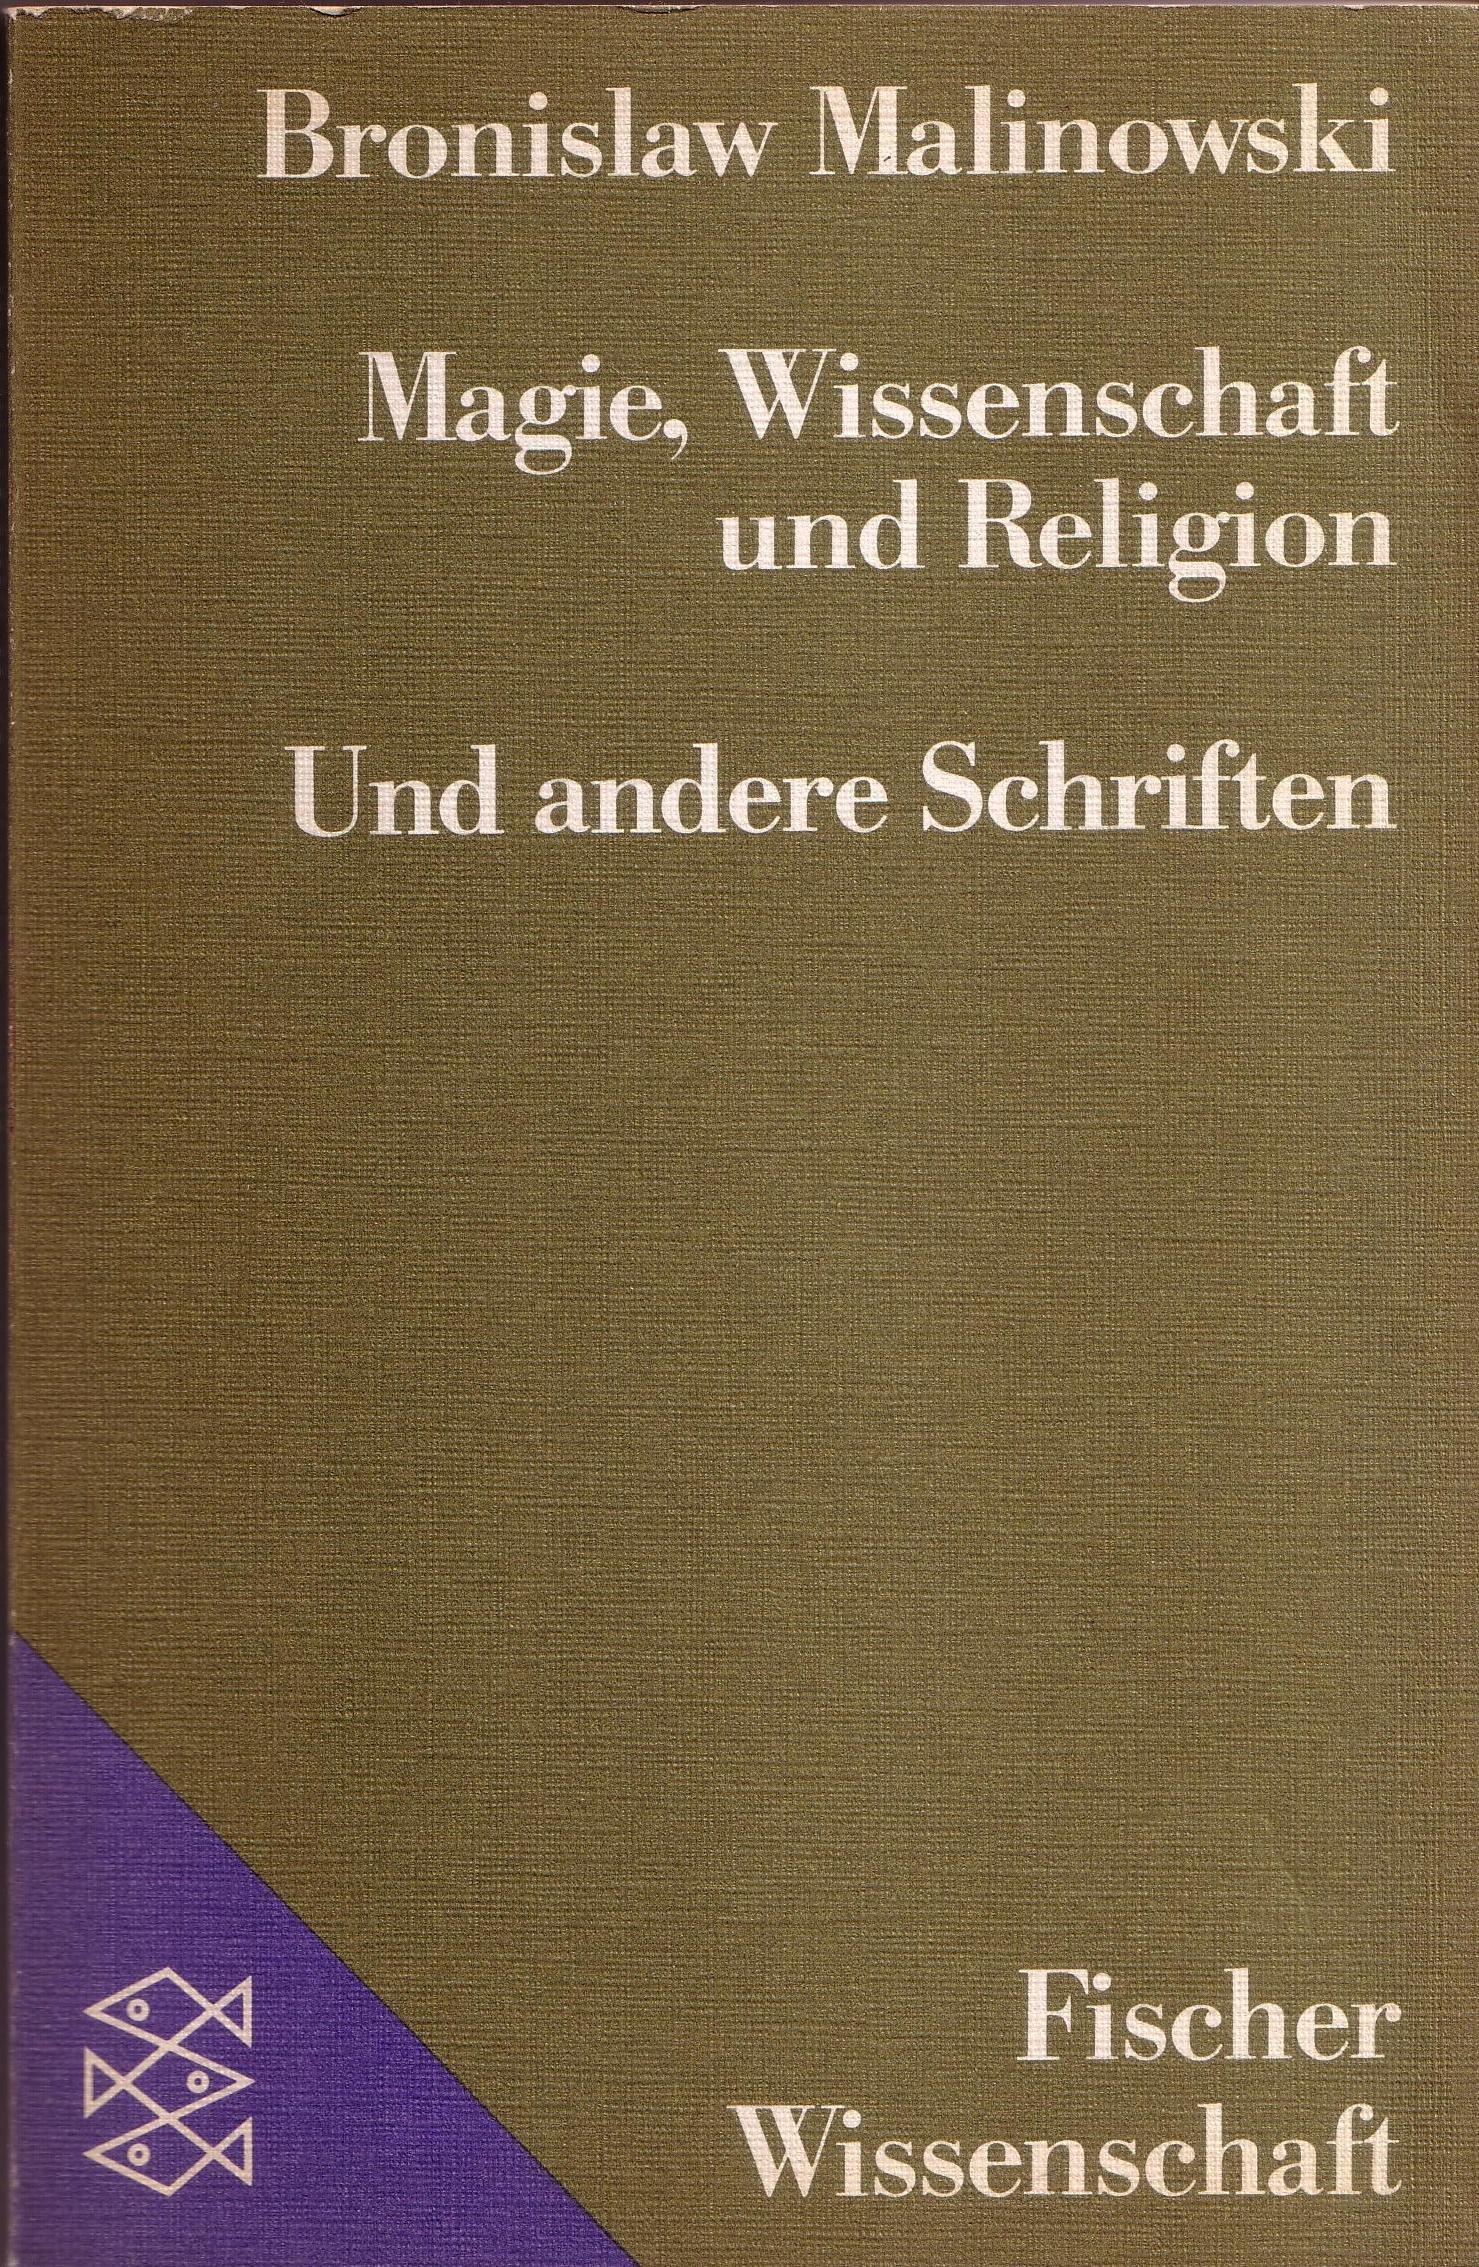 Magie, Wissenschaft und Religion/Und andere Schriften